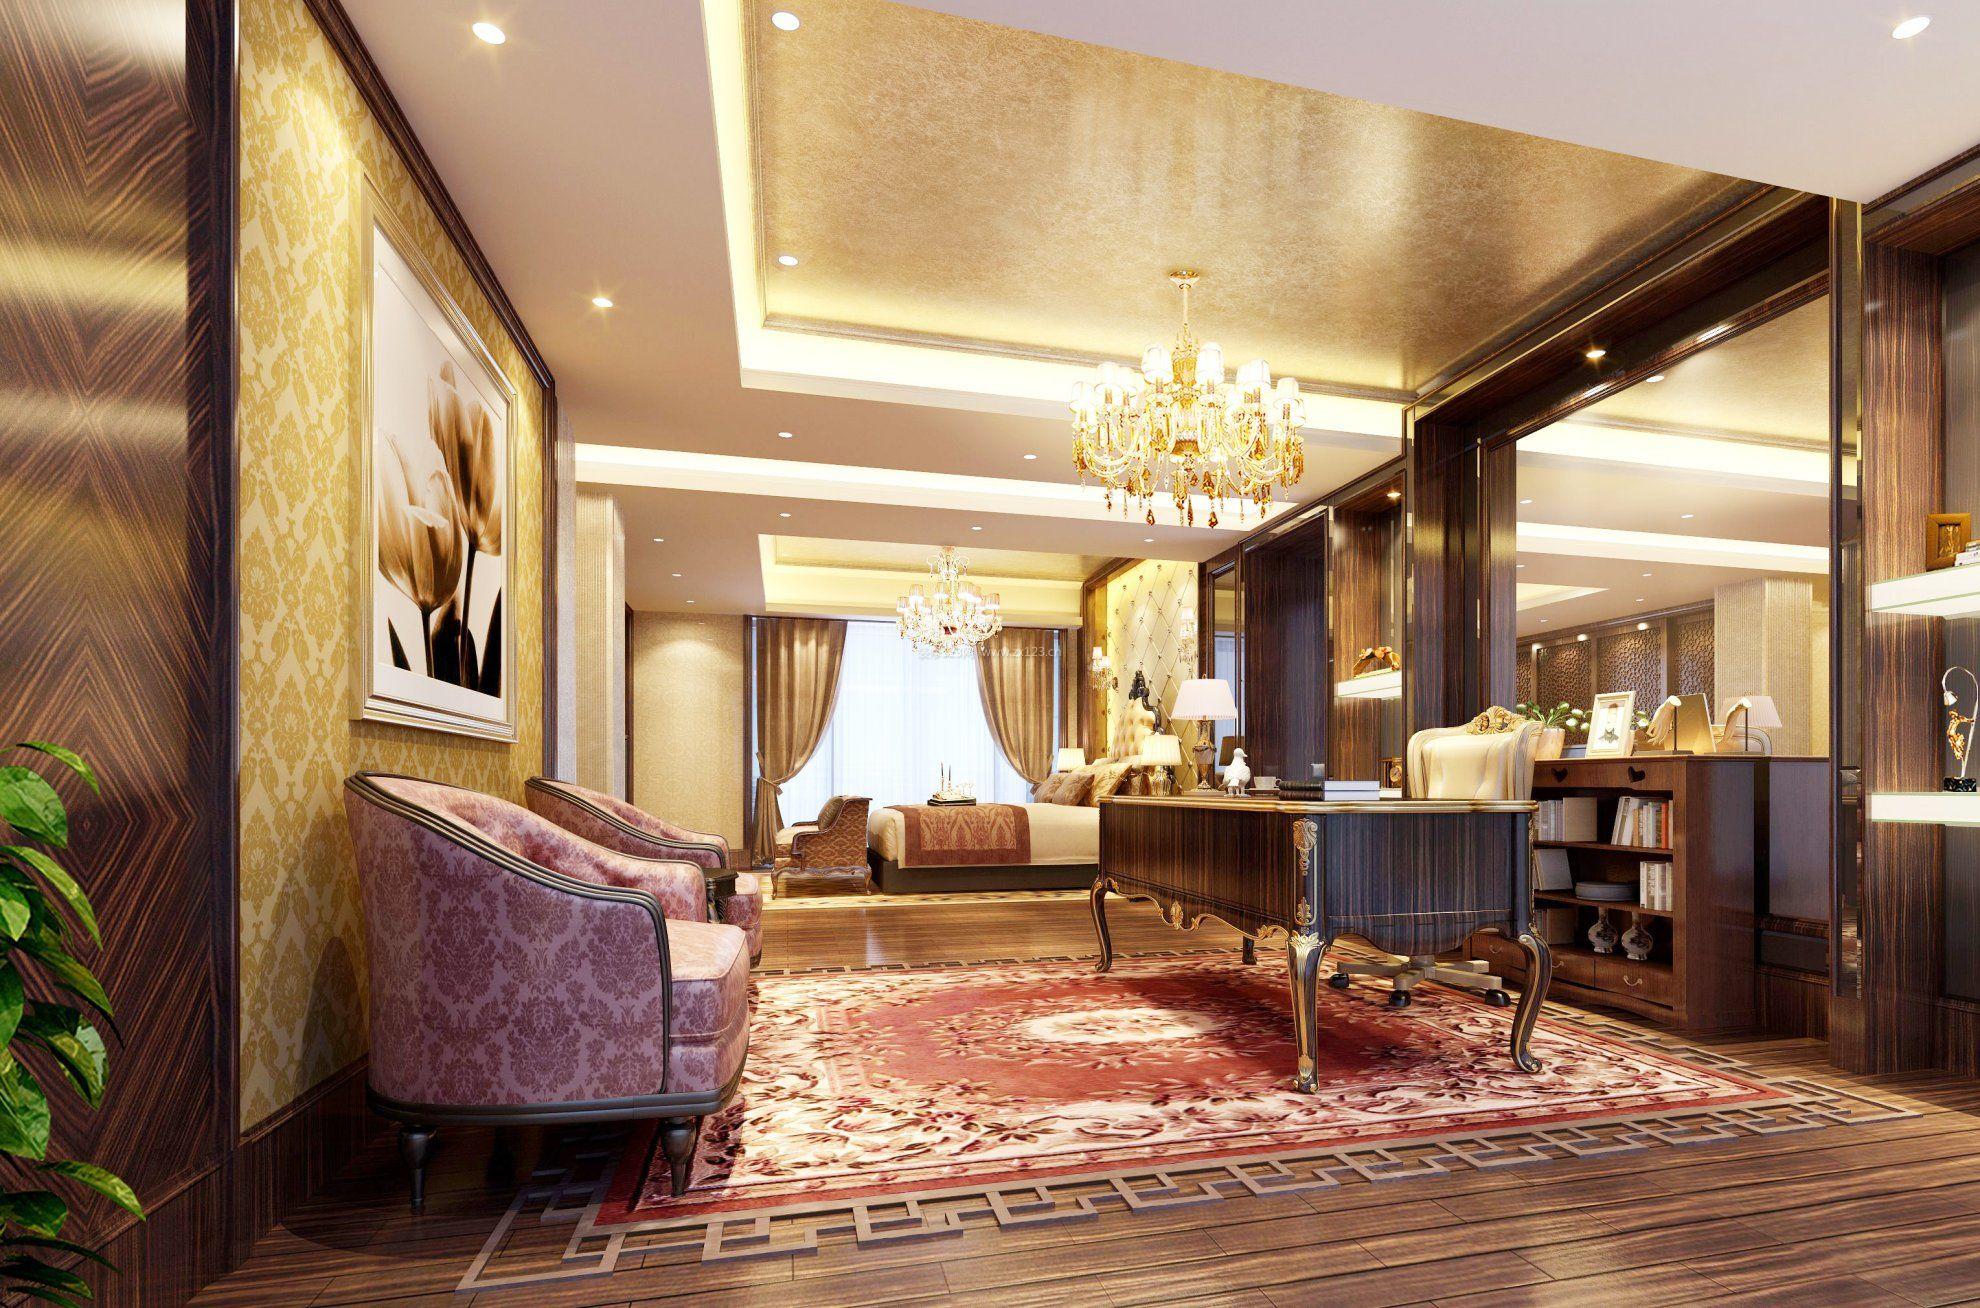 别墅跃层别墅精装修效果图前面我家高点比大厅的图片